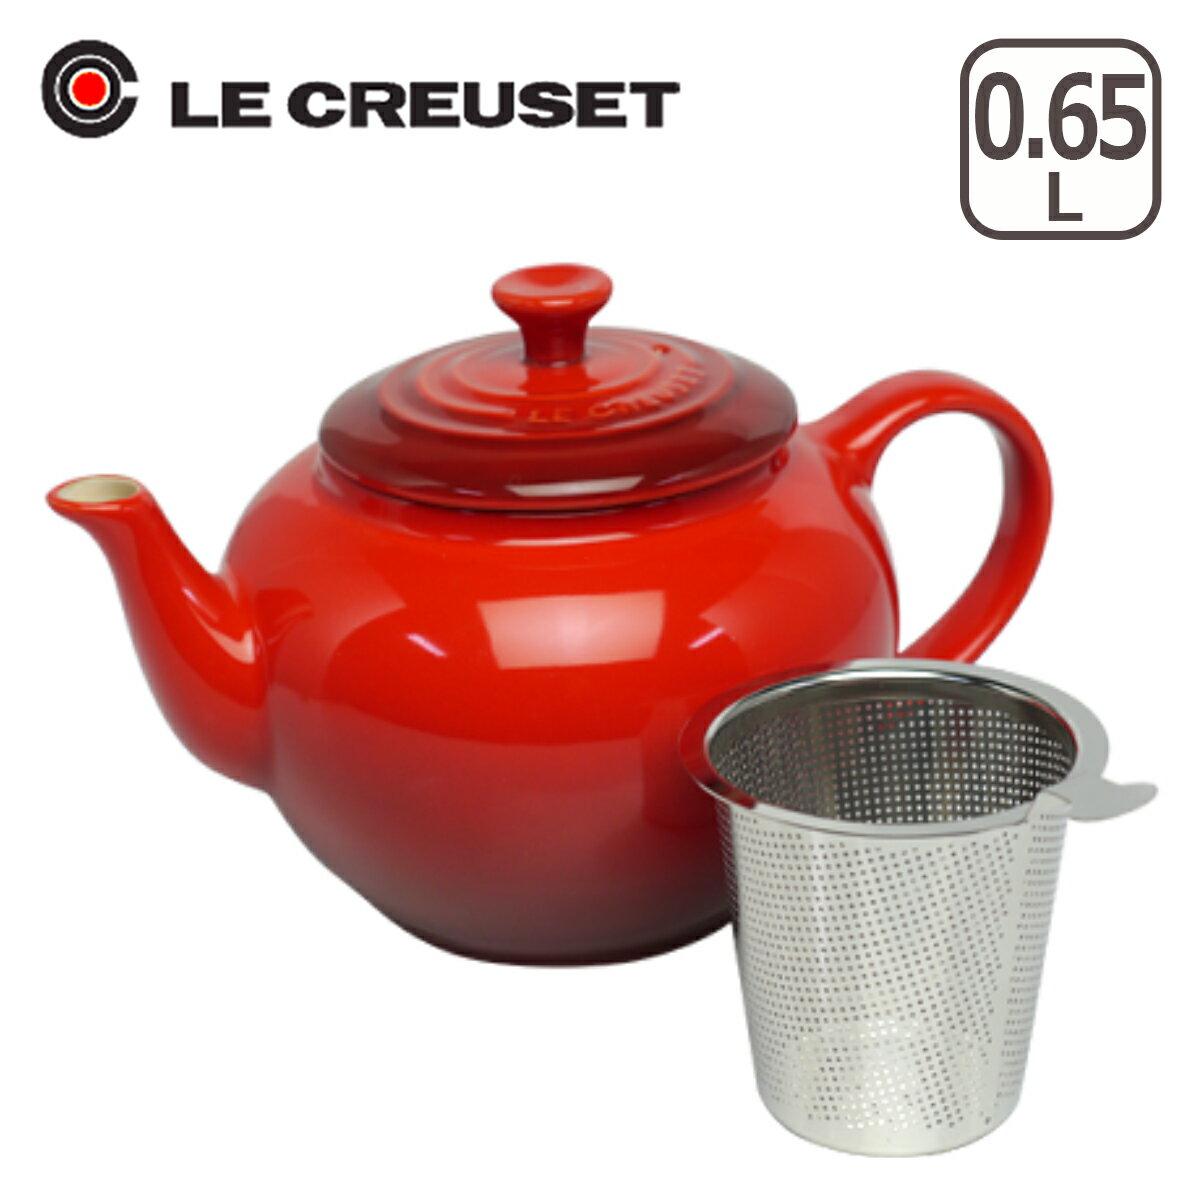 ルクルーゼ (ル・クルーゼ) ティーポット レッド(茶漉し ステンレス) Le Creuset【楽ギフ_包装】【楽ギフ_のし宛書】